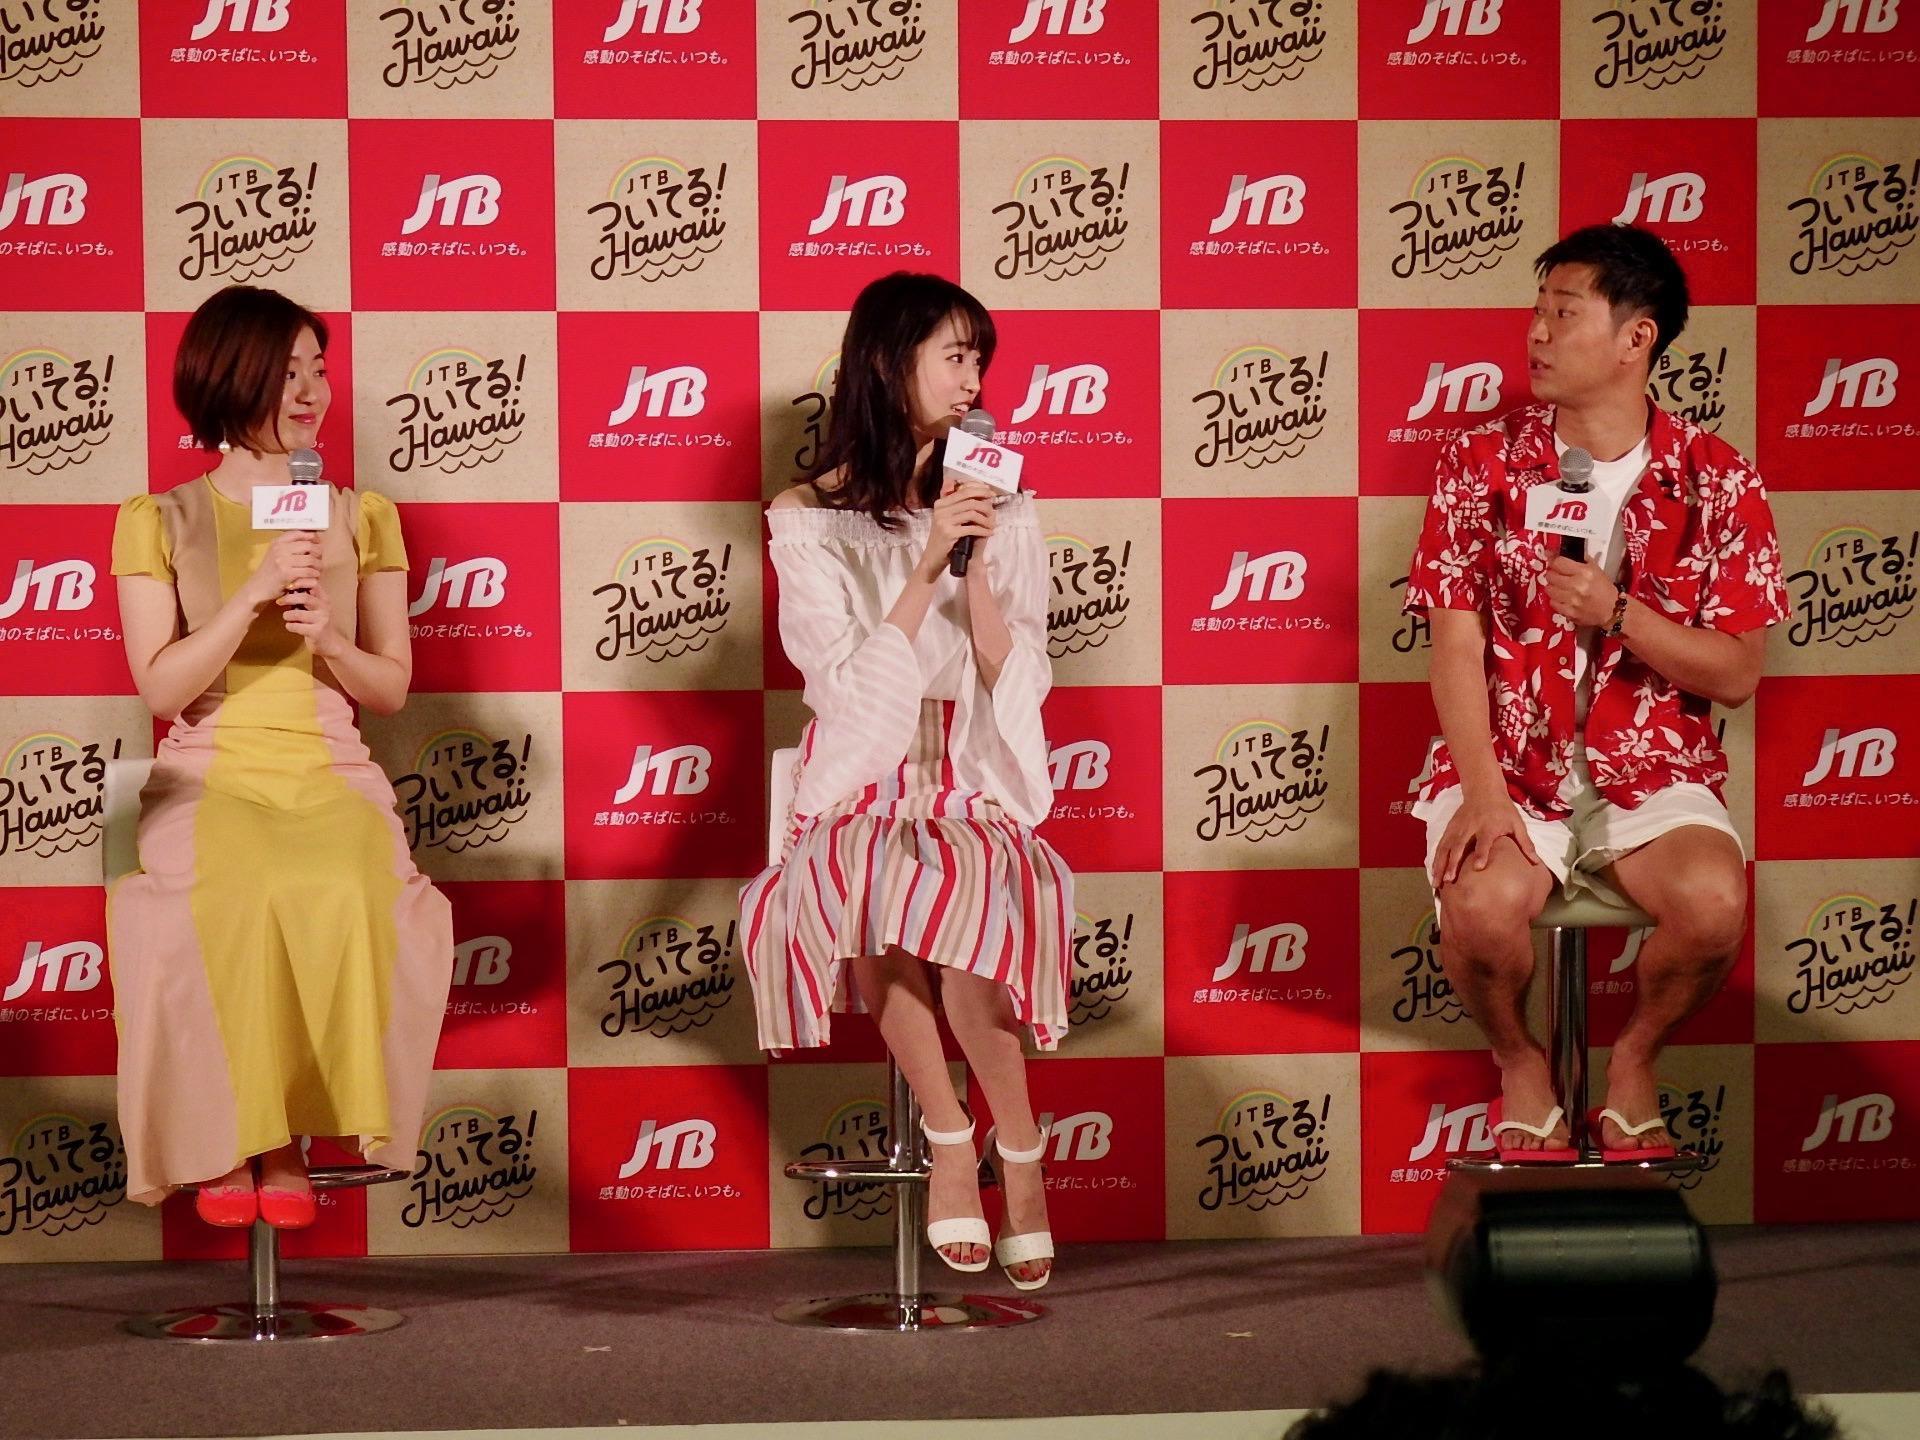 http://news.yoshimoto.co.jp/20190122223309-7c9add08251767c5c3ffd8b87d949c8bec39e1c1.jpeg